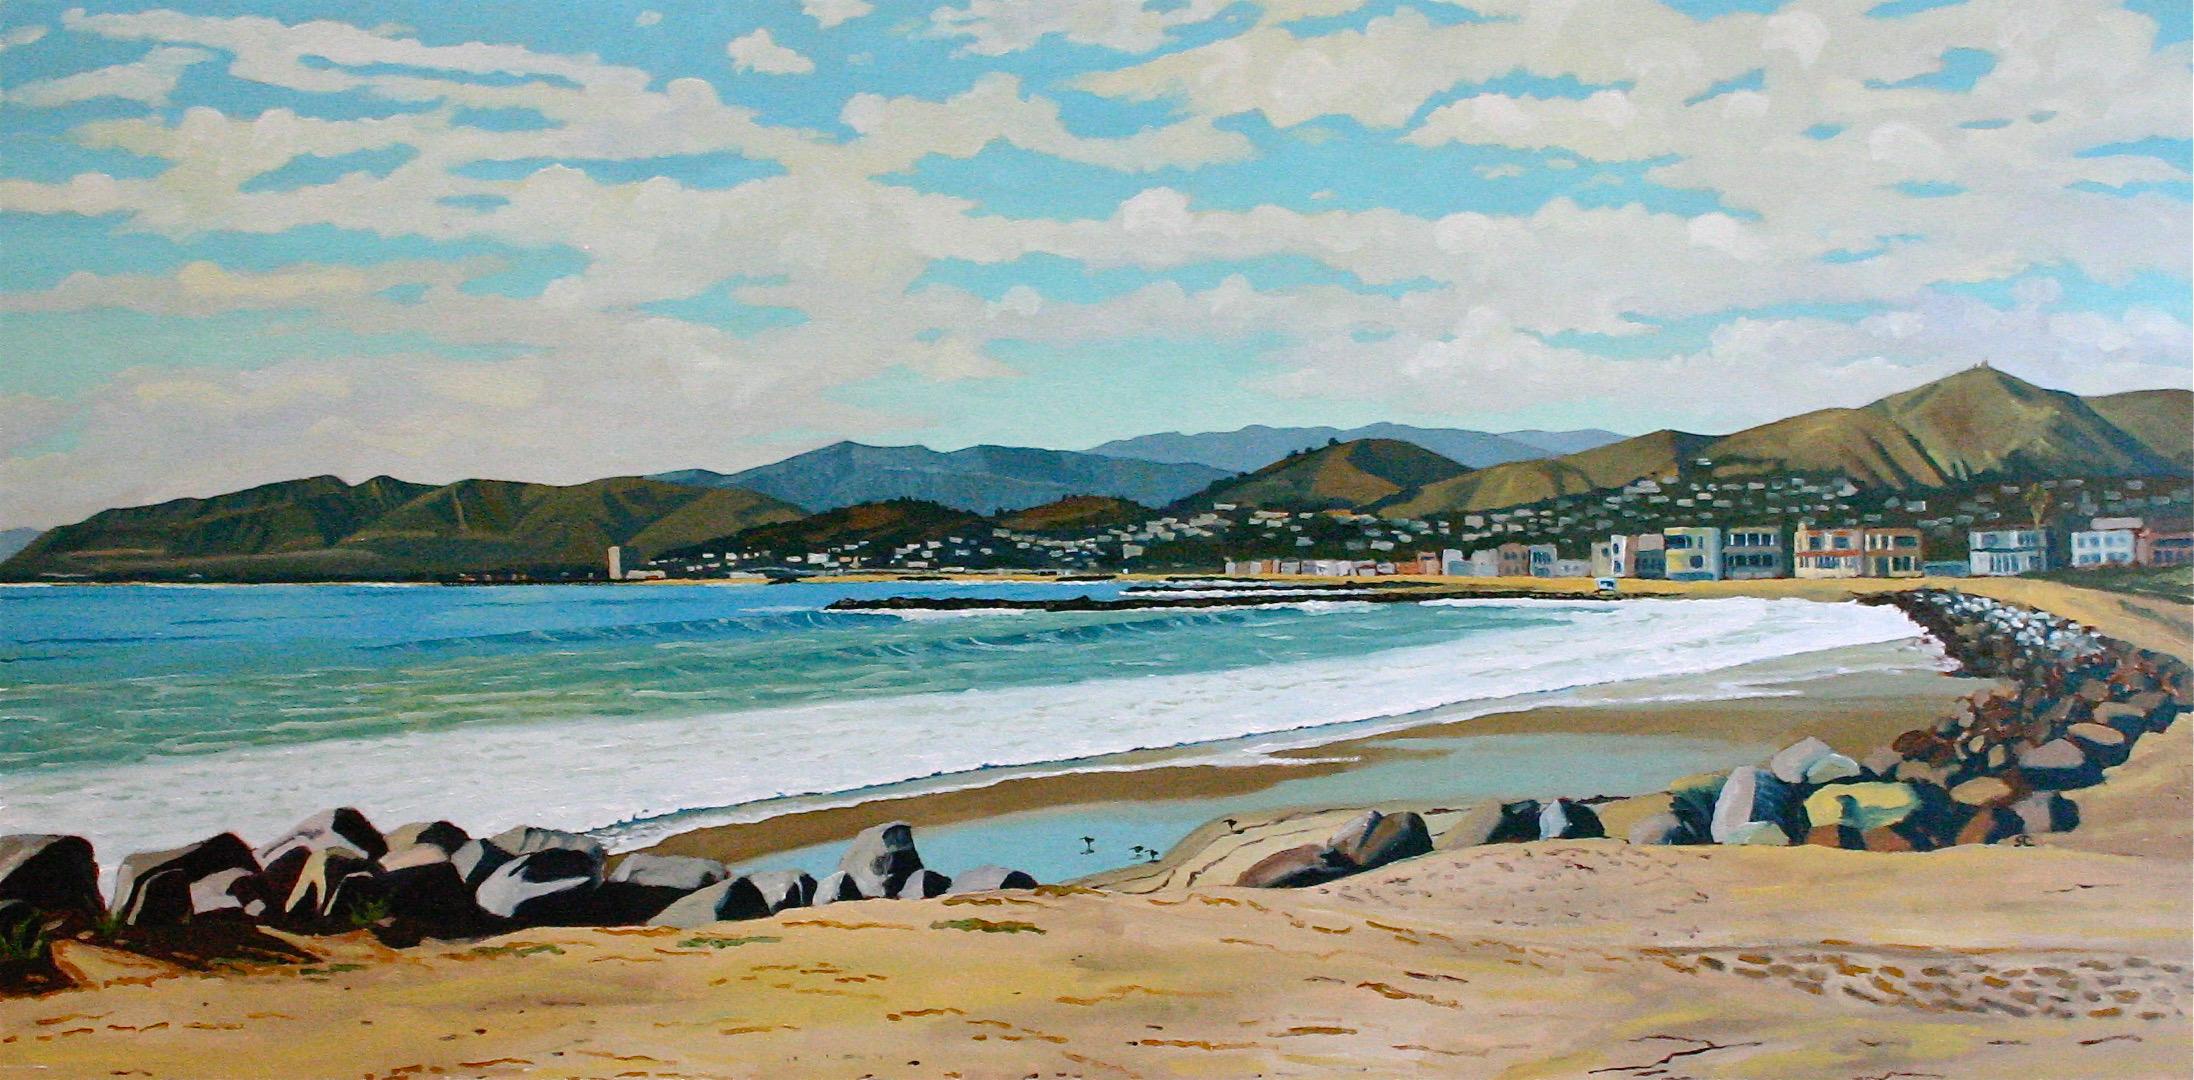 Pierpont Bay  oil on canvas 30 x 60